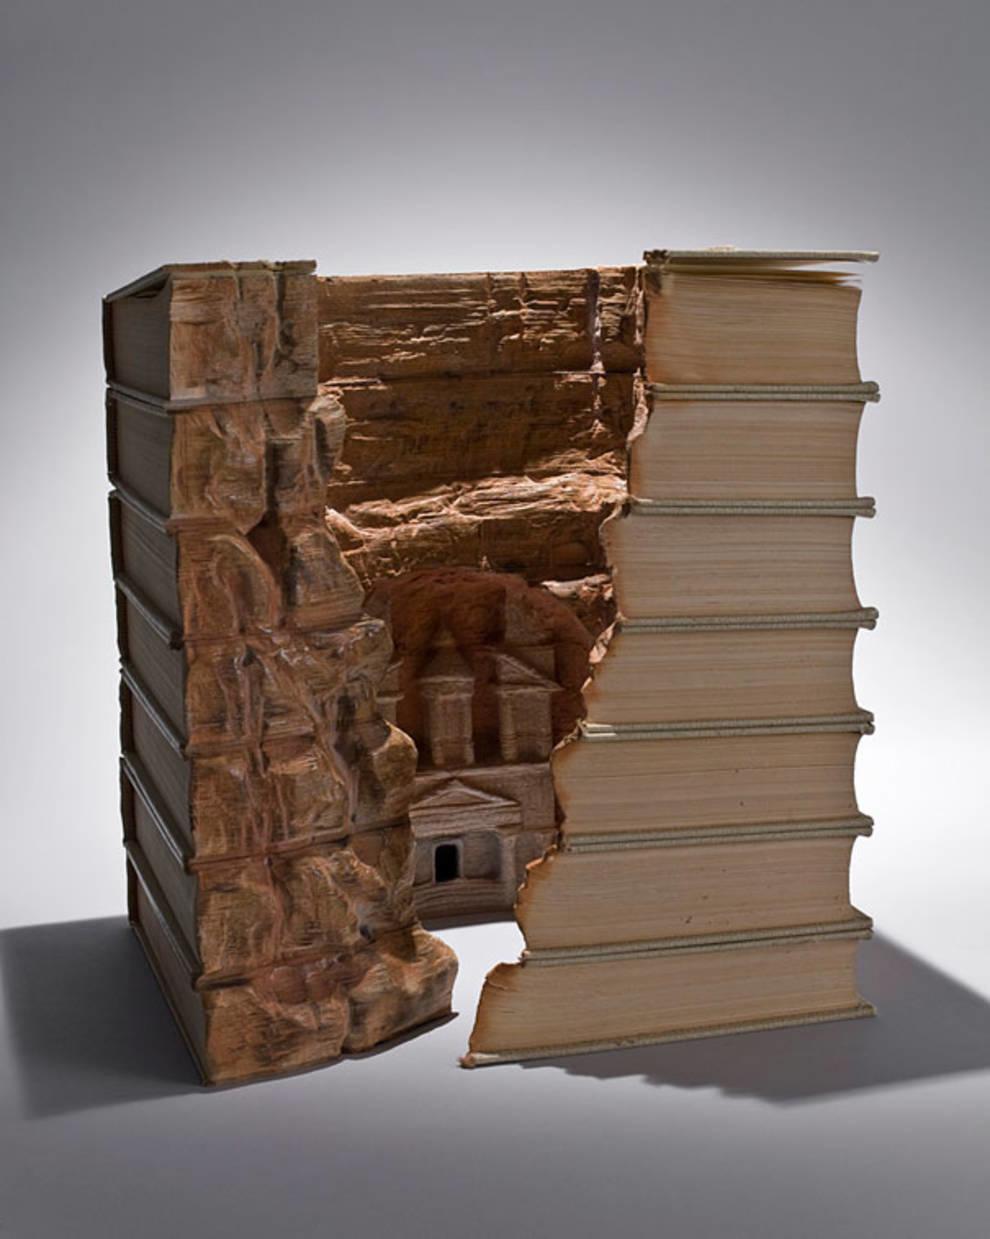 Ледниковые ландшафты, глубокие долины и плато из старых книг